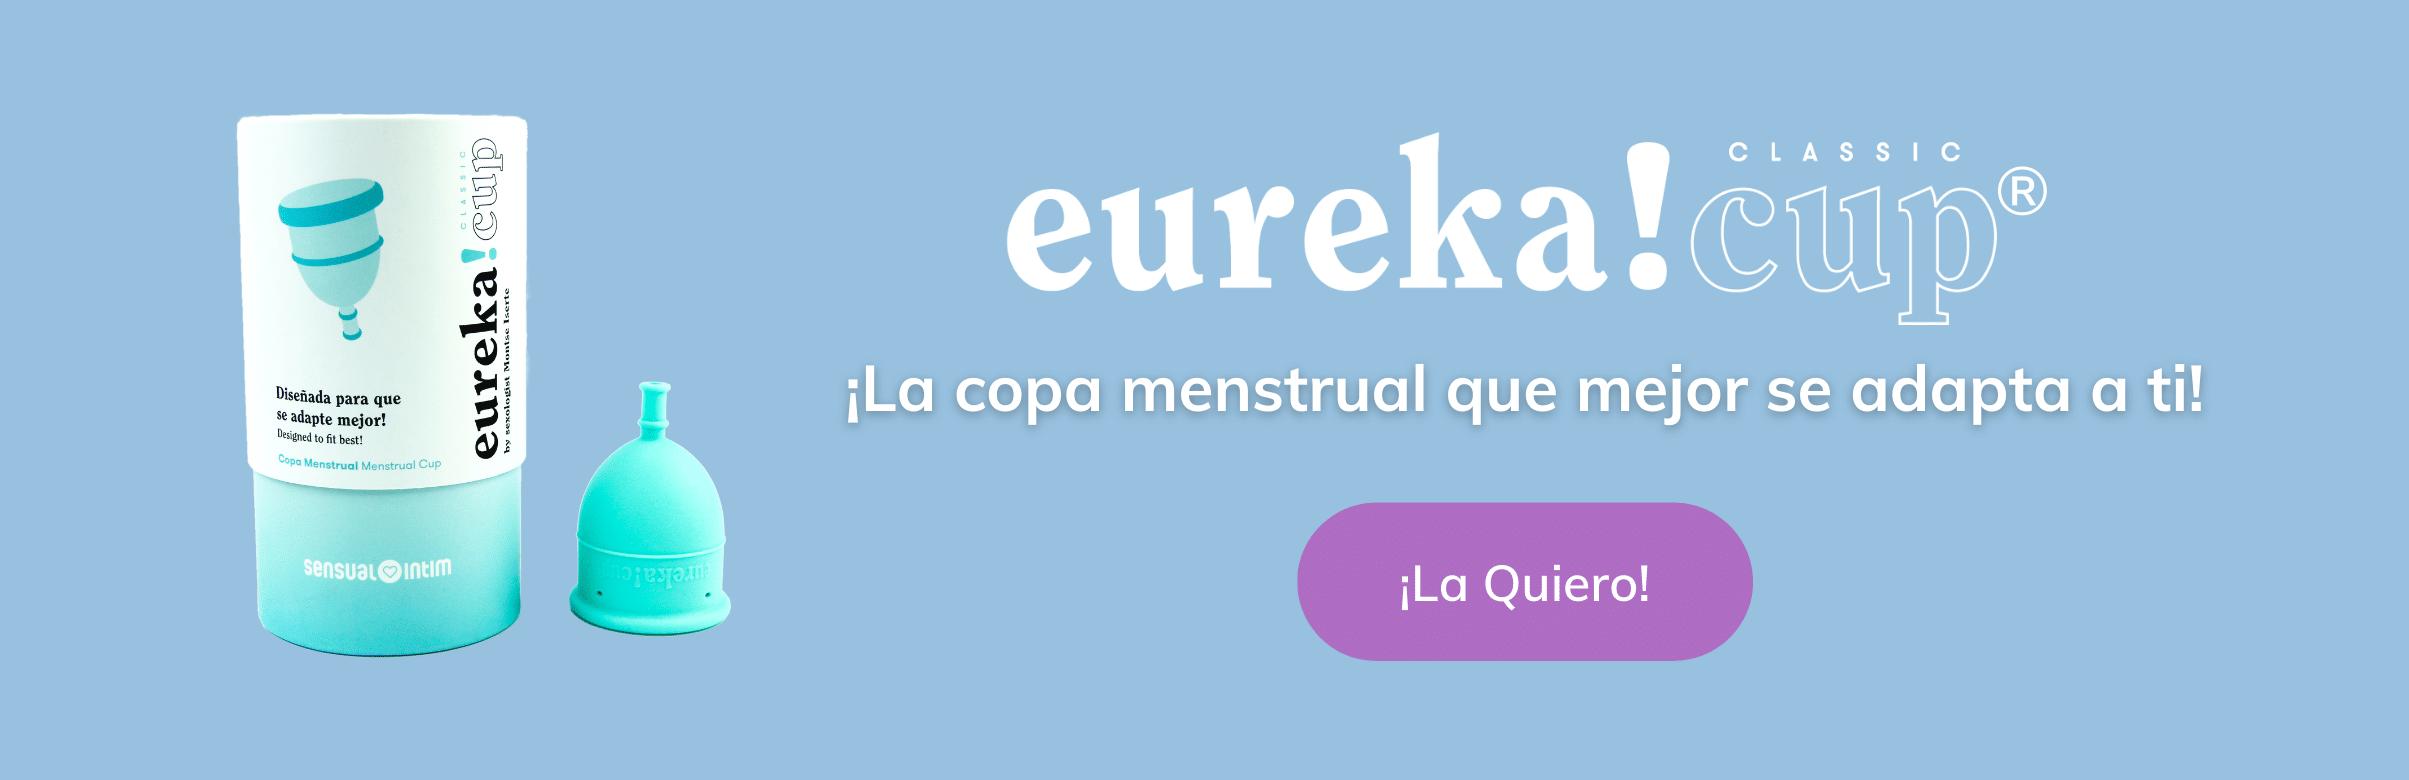 La copa menstrual blanda | blog de sensual intim